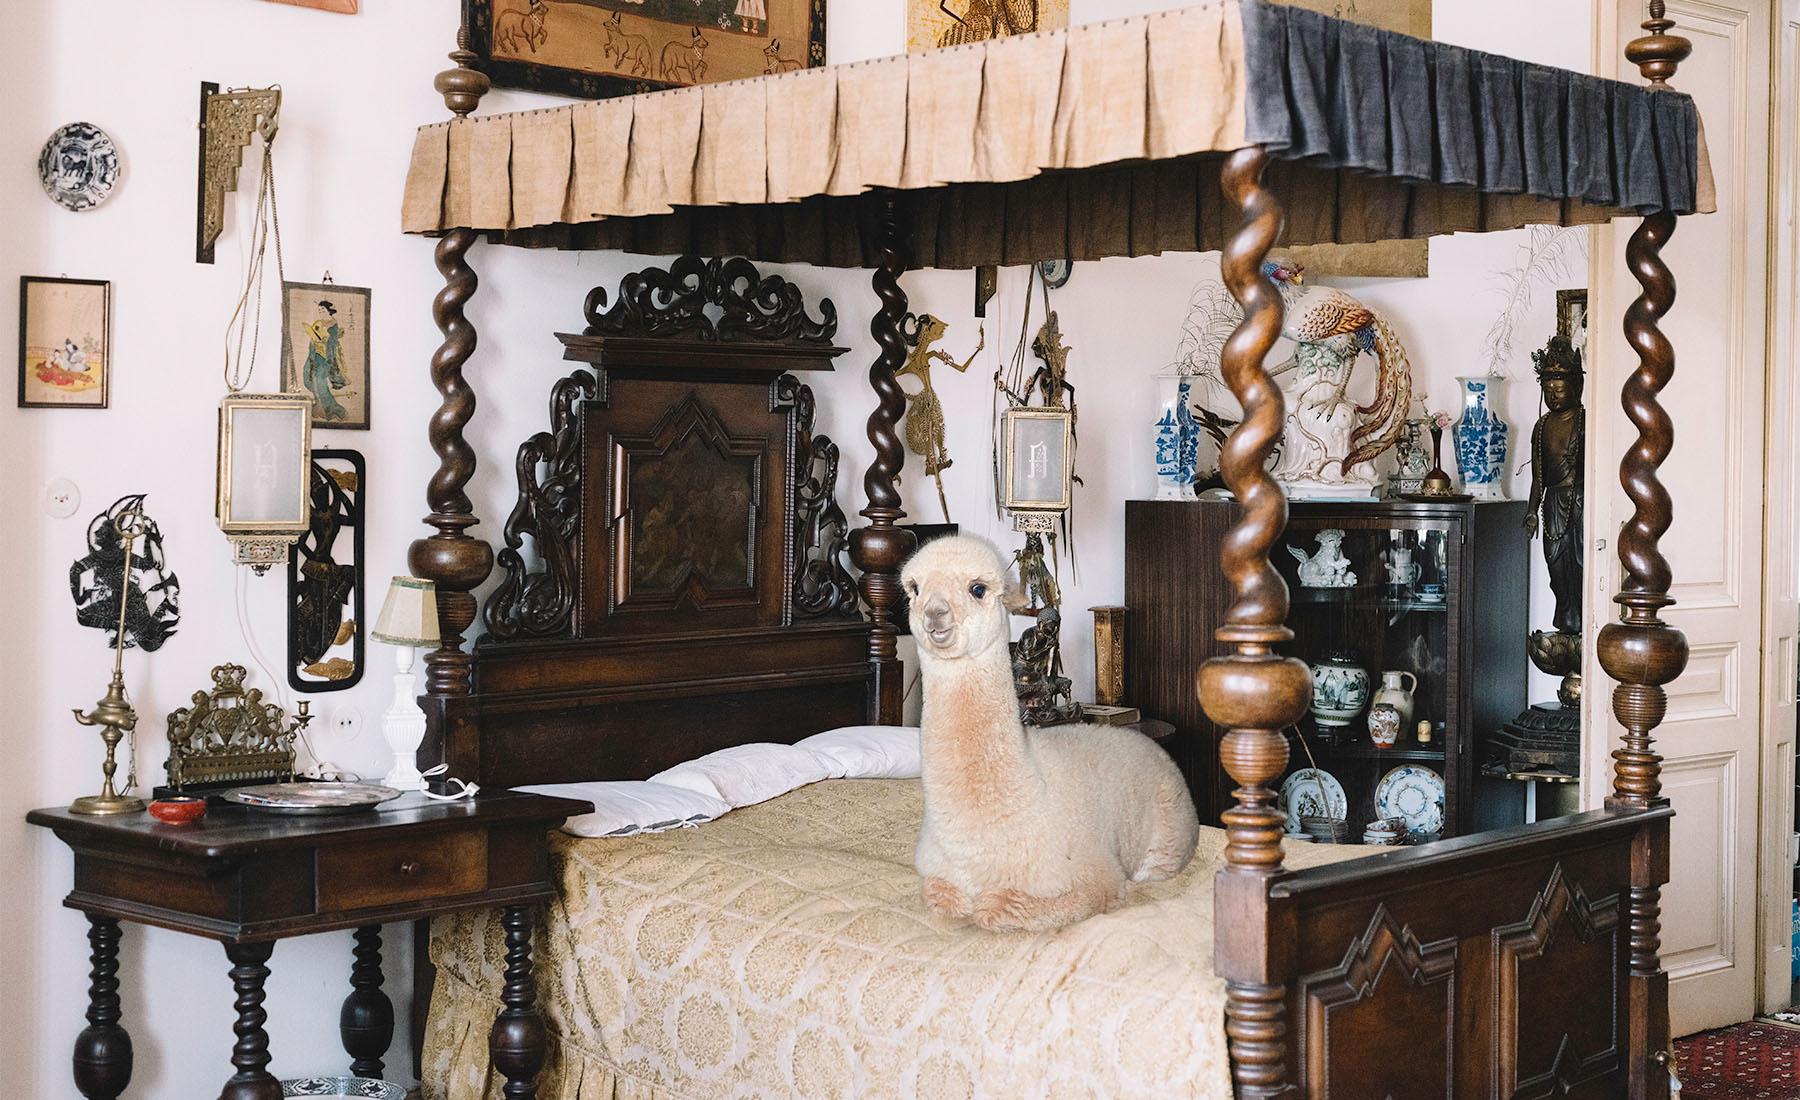 Daniel-Gebhardt-de-Koekkoek-Alpaca-bedroom